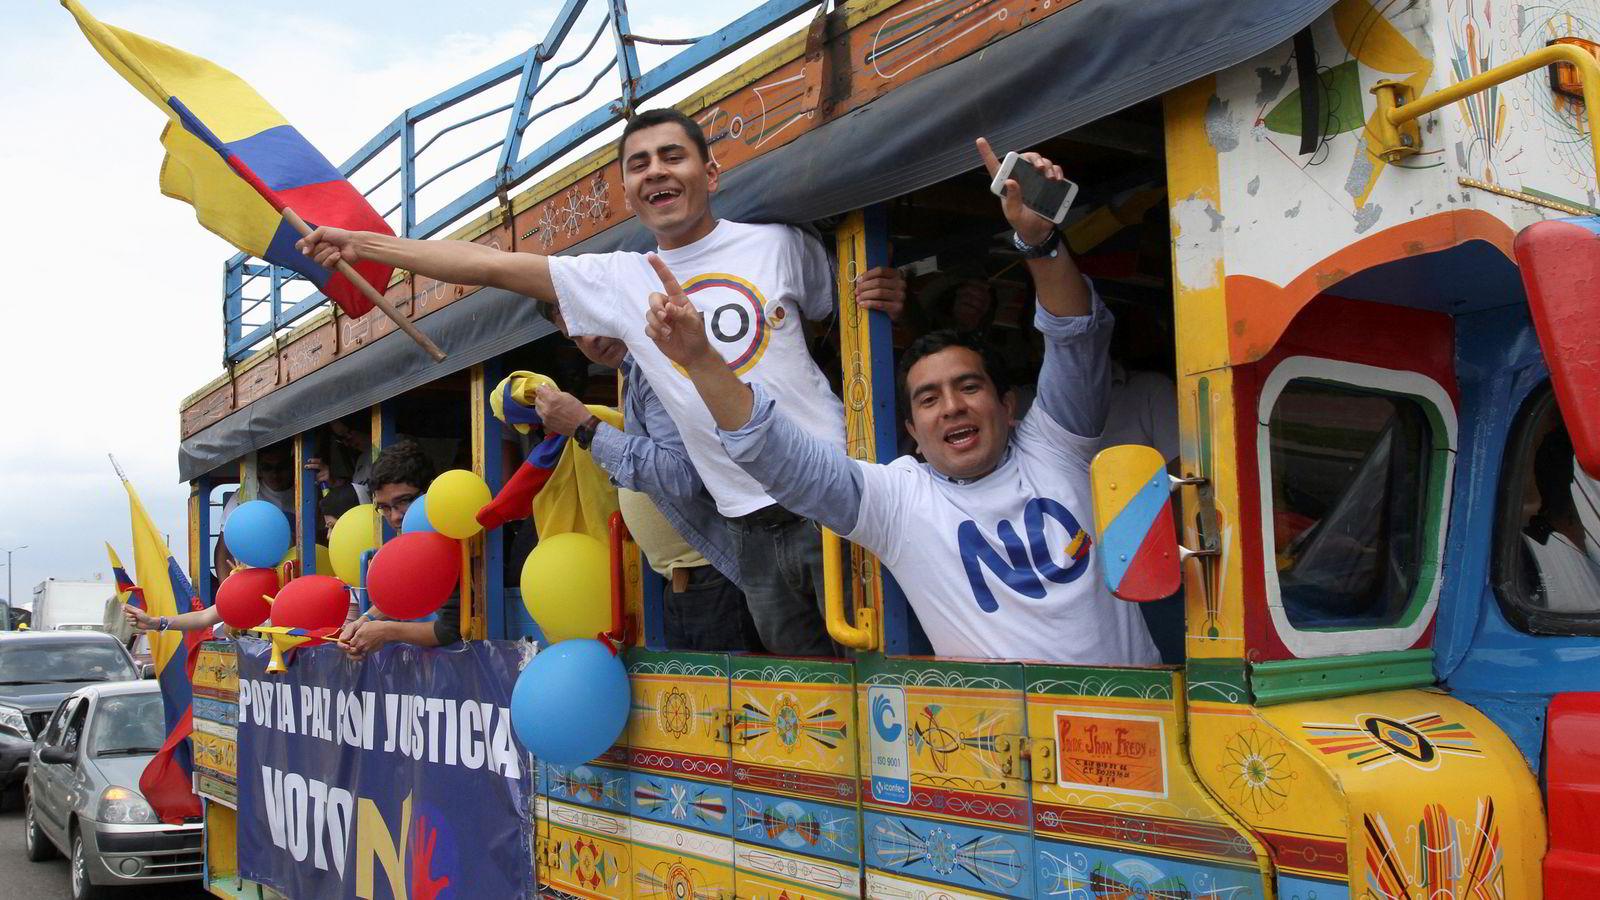 Søndag skal colombianerne stemme over den historiske fredsavtalen som kan ende landets borgerkrig. Bildet er fra en nei-demonstrasjon i Bogota lørdag. Foto: Reuters / NTB scanpix